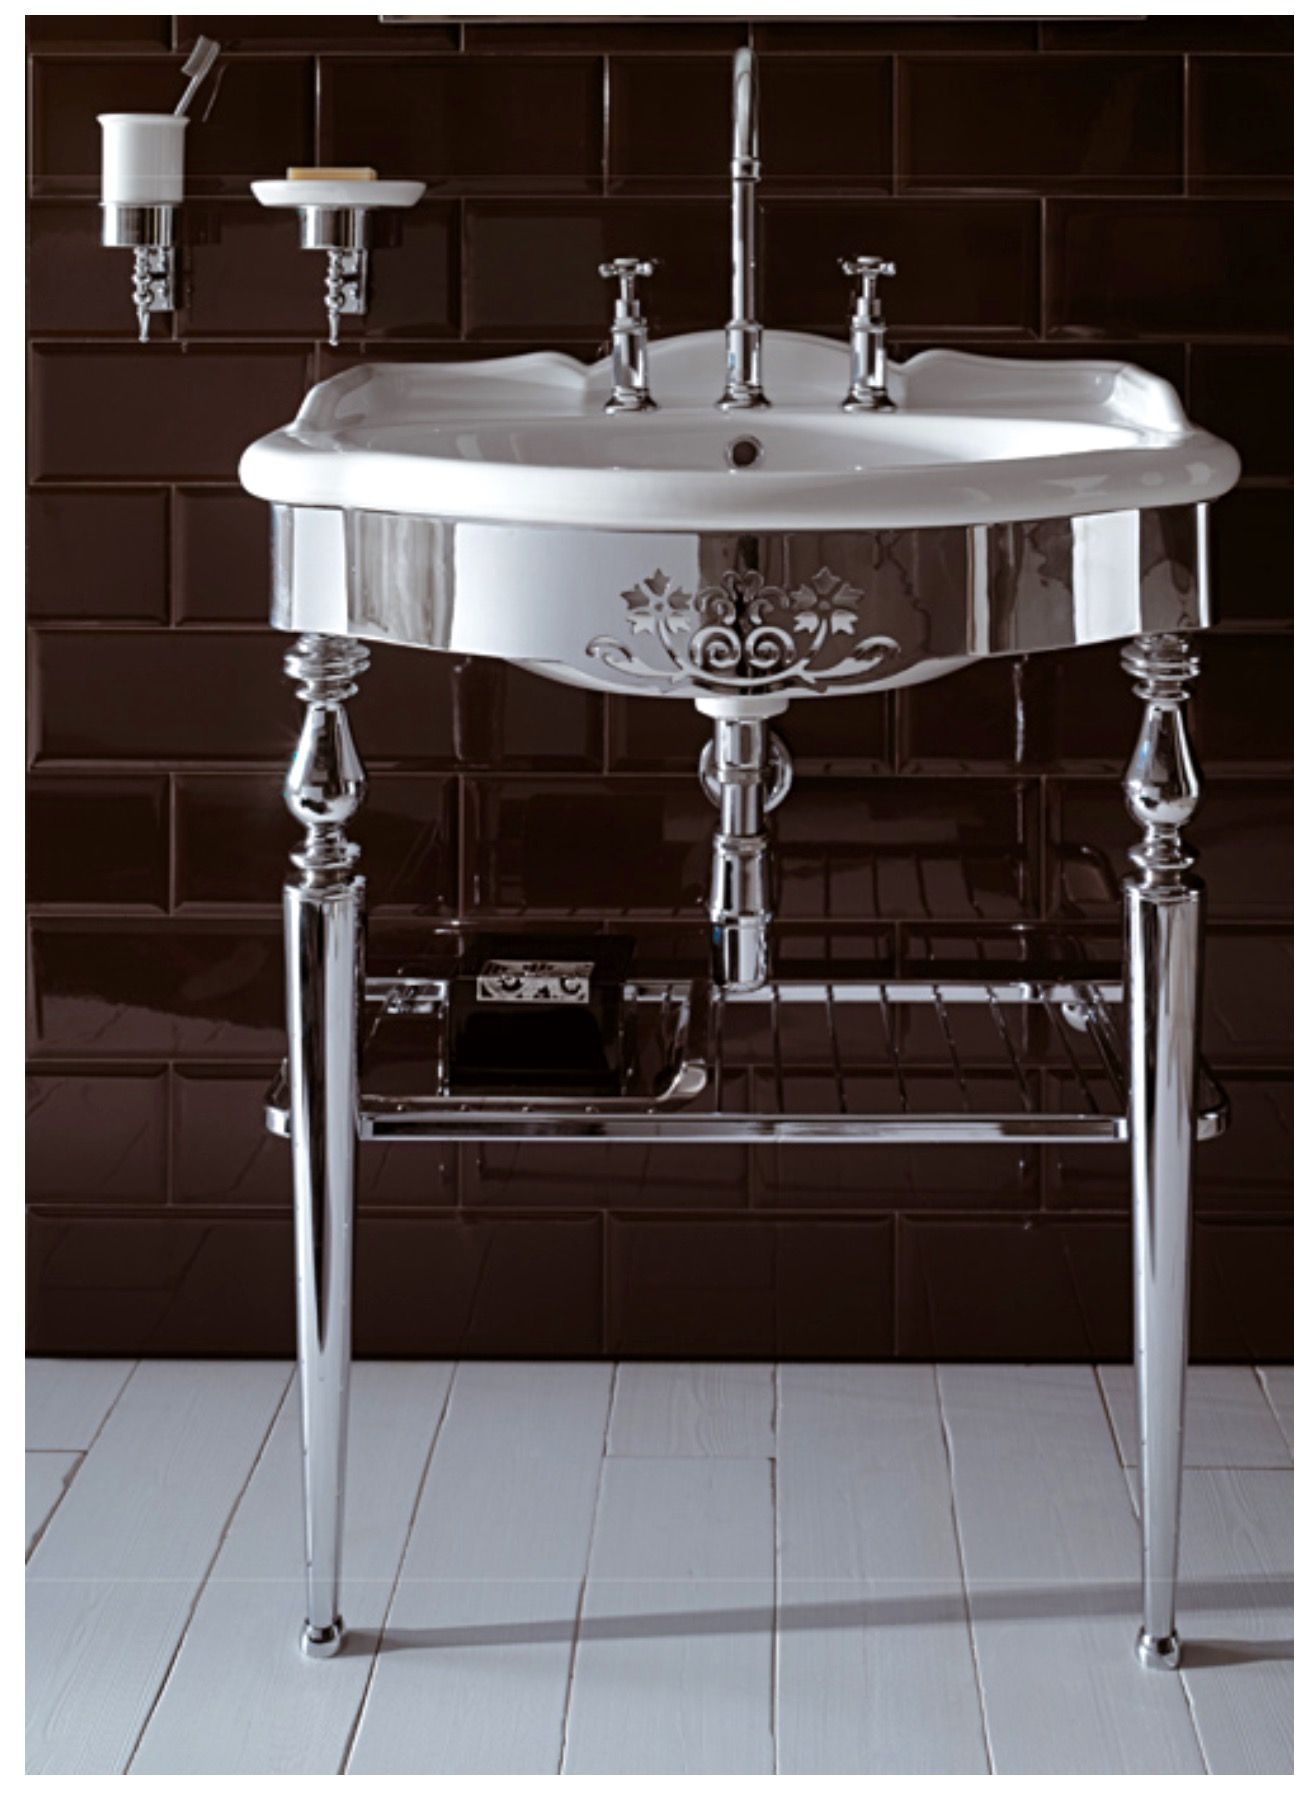 CERAMICA GLOBO PAESTUM Design Antonio Pascale | Banyo ...Bathrooms ... - CERAMICA GLOBO PAESTUM Design Antonio Pascale